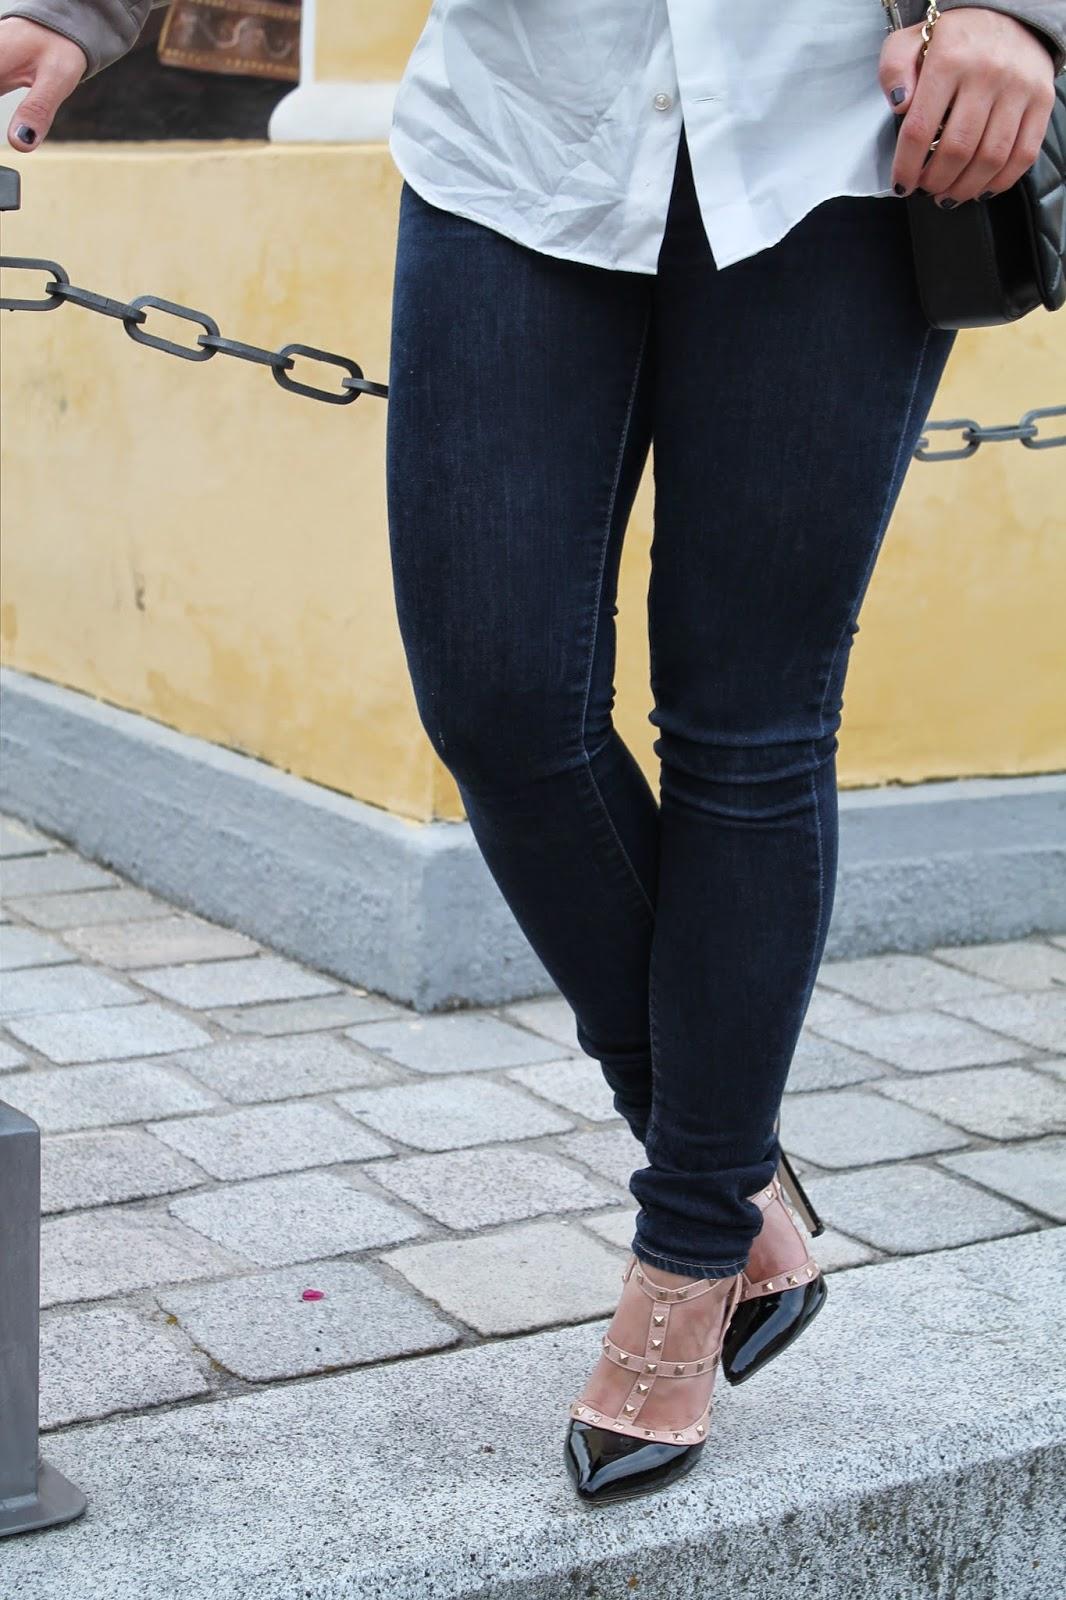 Fashionblogger Austria / Österreich / Deutsch / German / Kärnten / Carinthia / Klagenfurt / Köttmannsdorf / Spring Look / Classy / Edgy / Summer / Summer Style 2014 / Summer Look / Fashionista Look /   / valentino Studded Heels / Zara / H&M / Leather Jacket / Black Chain Crossbody Bag / Boyfriend Blouse / classic Look / Elegant / Trend/ Edgy /